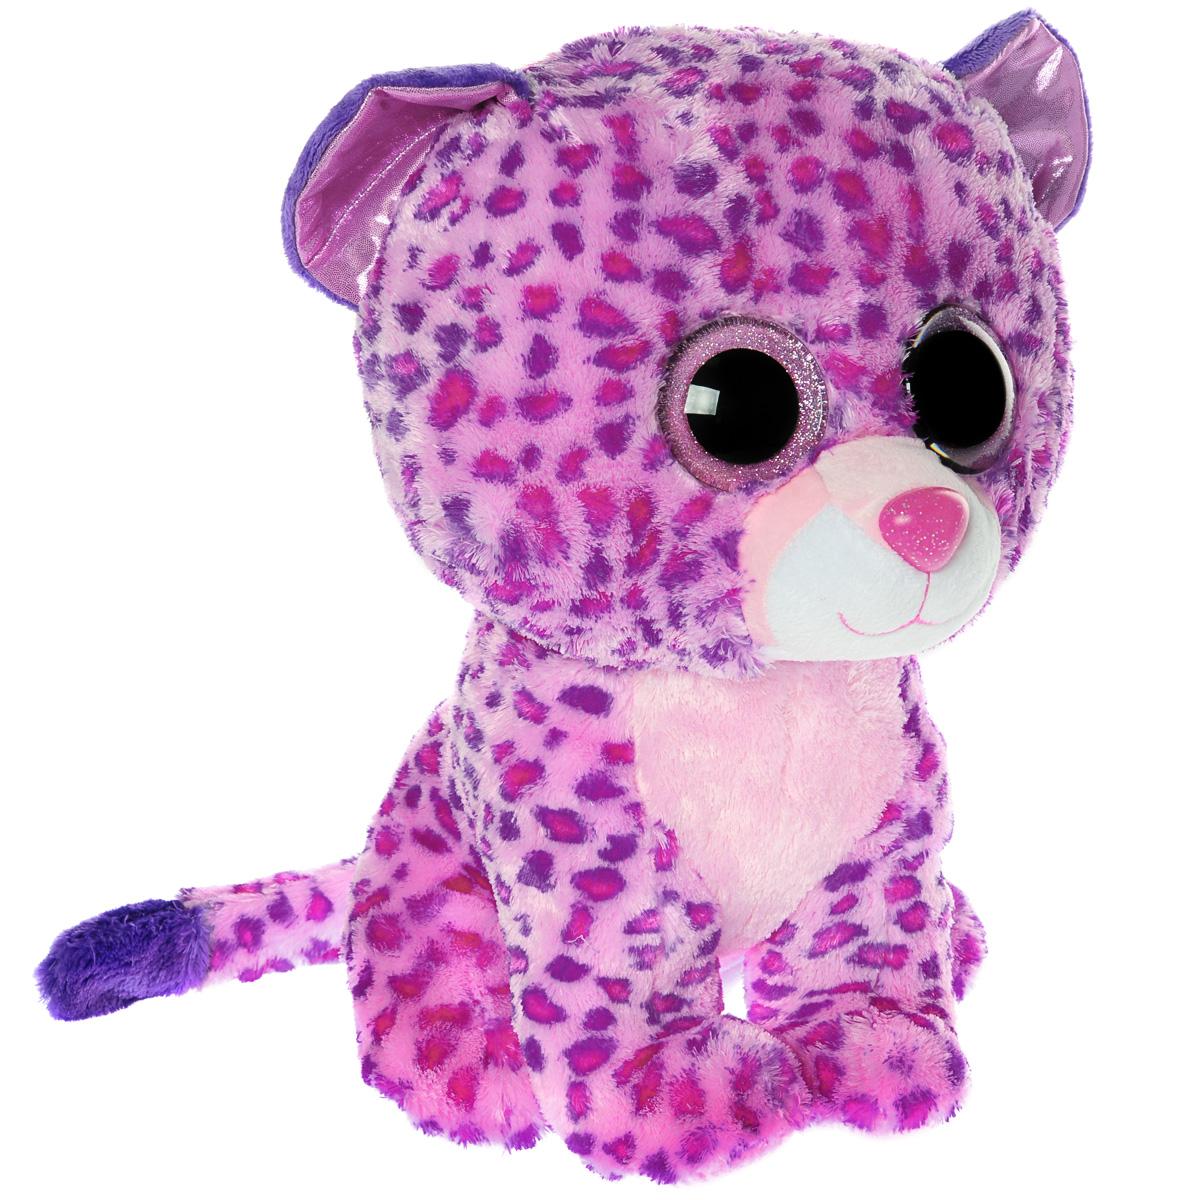 Мягкая игрушка Beanie Boos Леопард Glamour, 23 см36985Очаровательная мягкая игрушка Beanie Boos Леопард Glamour, выполненная в виде милого розового котенка леопарда, непременно вызовет улыбку и симпатию и у детей, и у взрослых. Забавный леопард с выразительными розовыми глазками изготовлен из высококачественного мягкого текстильного материала с набивкой из синтепона. Как и все игрушки серии Beanie Boos, эта игрушка изготовлена вручную, с любовью и вниманием к деталям. Удобный небольшой размер леопарда позволит брать его с собой на прогулку, и малышу не придется расставаться со своим новым другом. Удивительно мягкая игрушка принесет радость и подарит своему обладателю мгновения нежных объятий и приятных воспоминаний. Специальные гранулы, расположенные в лапках игрушки, способствуют развитию мелкой моторики рук малыша. Великолепное качество исполнения делают эту игрушку чудесным подарком к любому празднику.